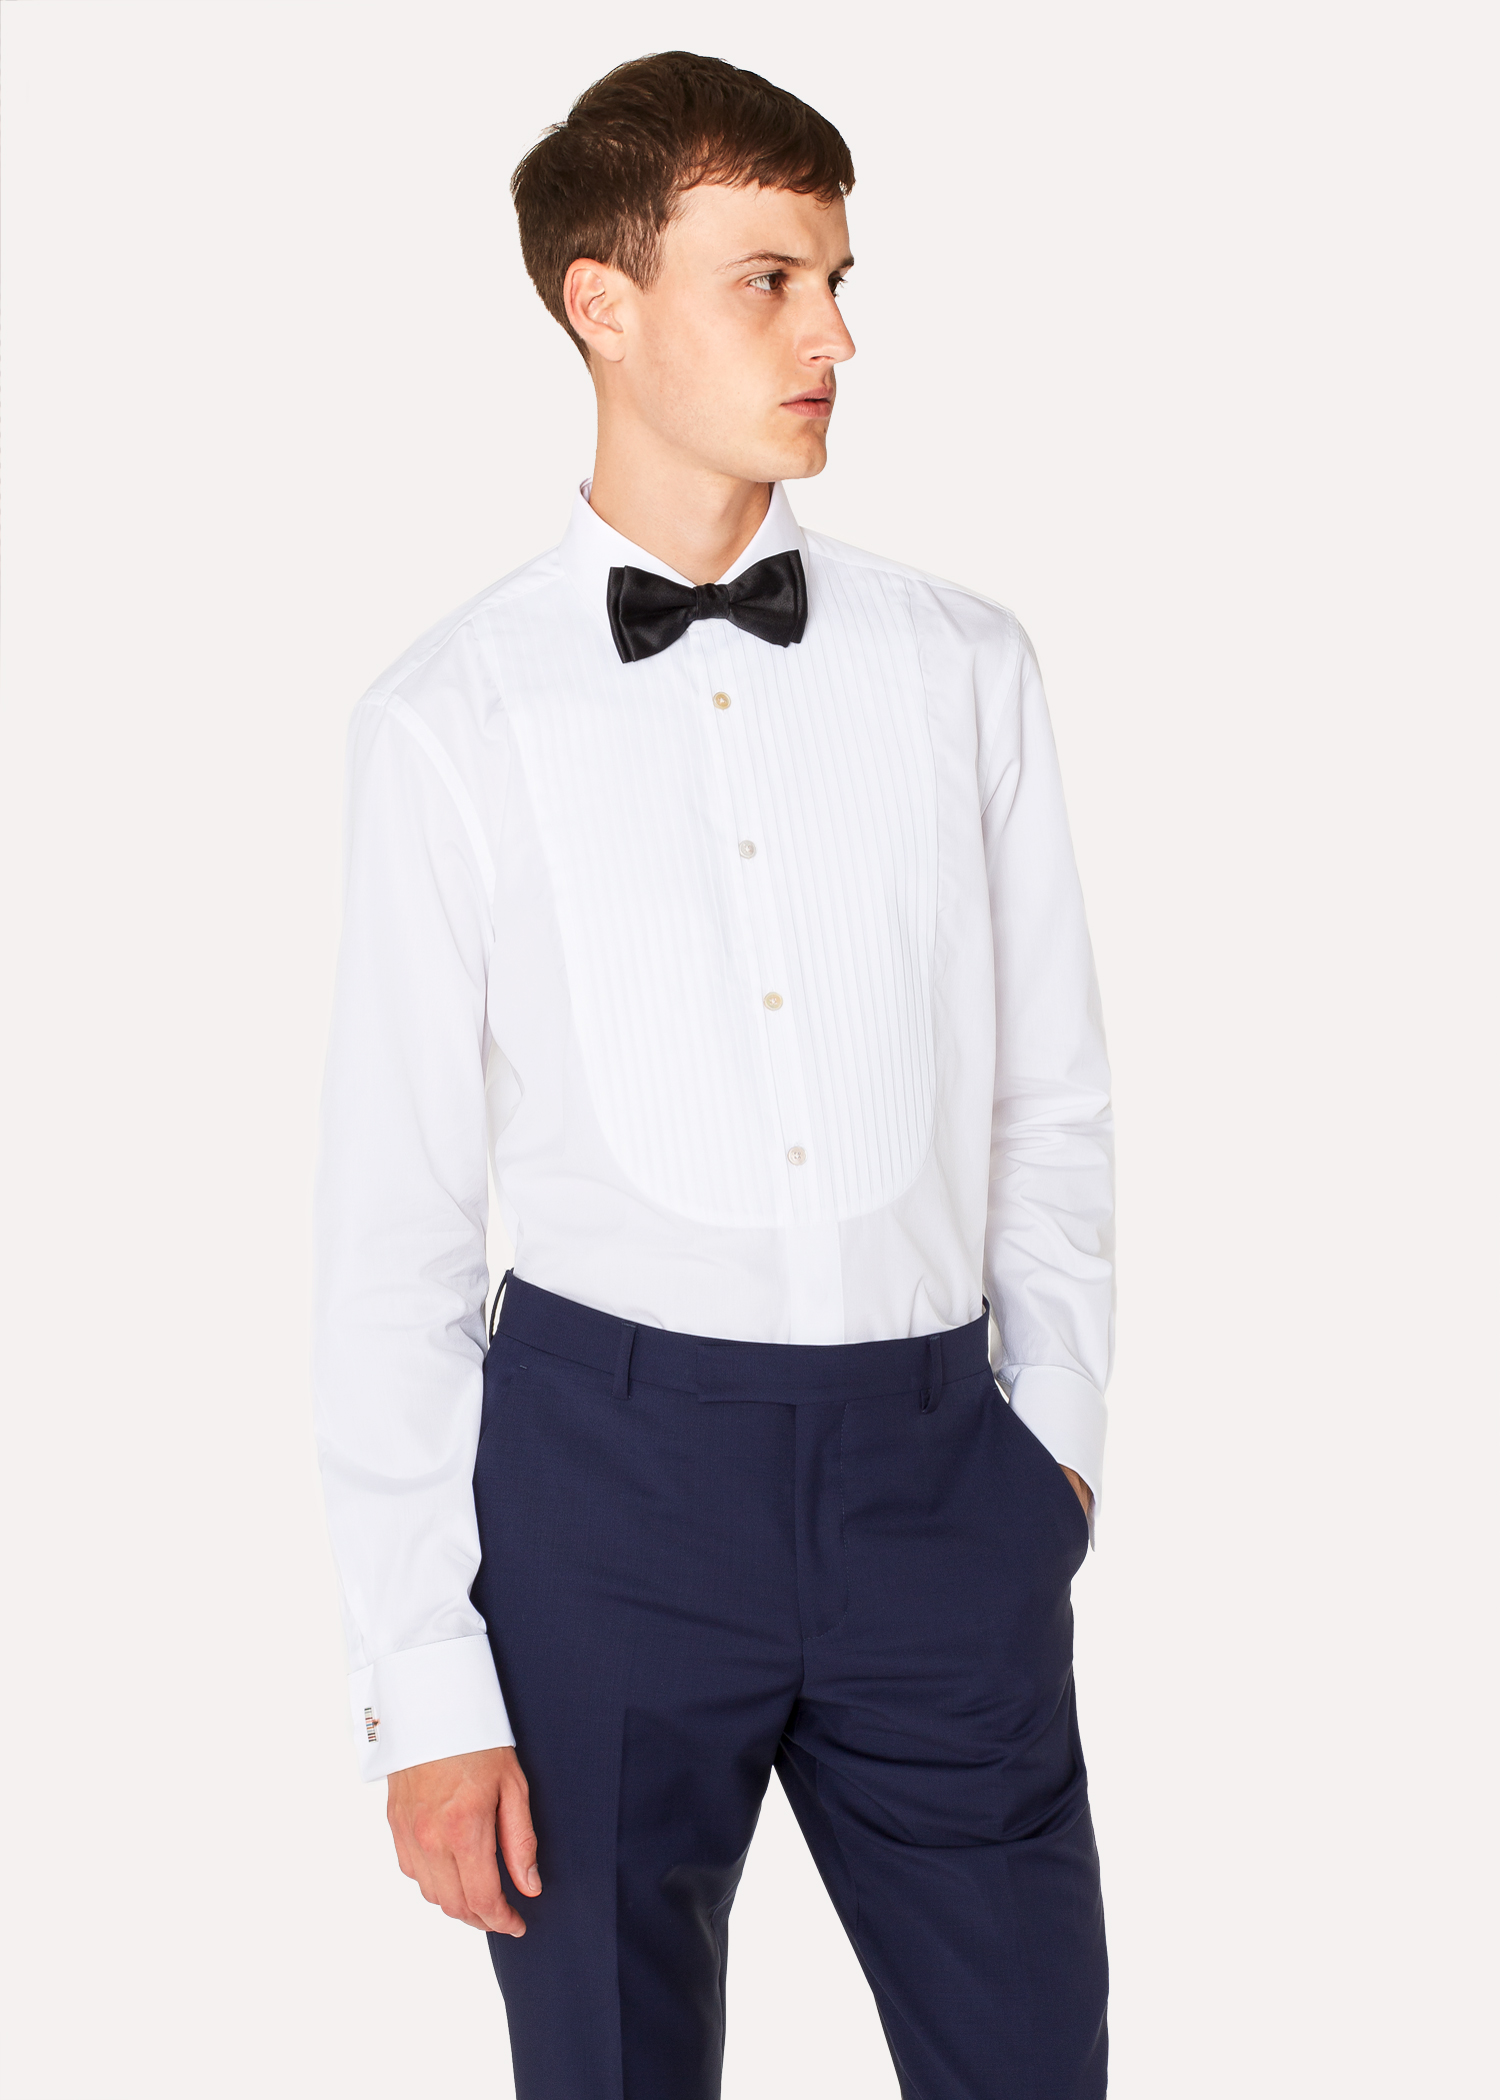 chemise de soir e homme blanche pliss e poignets 39 artist stripe 39 en coton paul smith francais. Black Bedroom Furniture Sets. Home Design Ideas